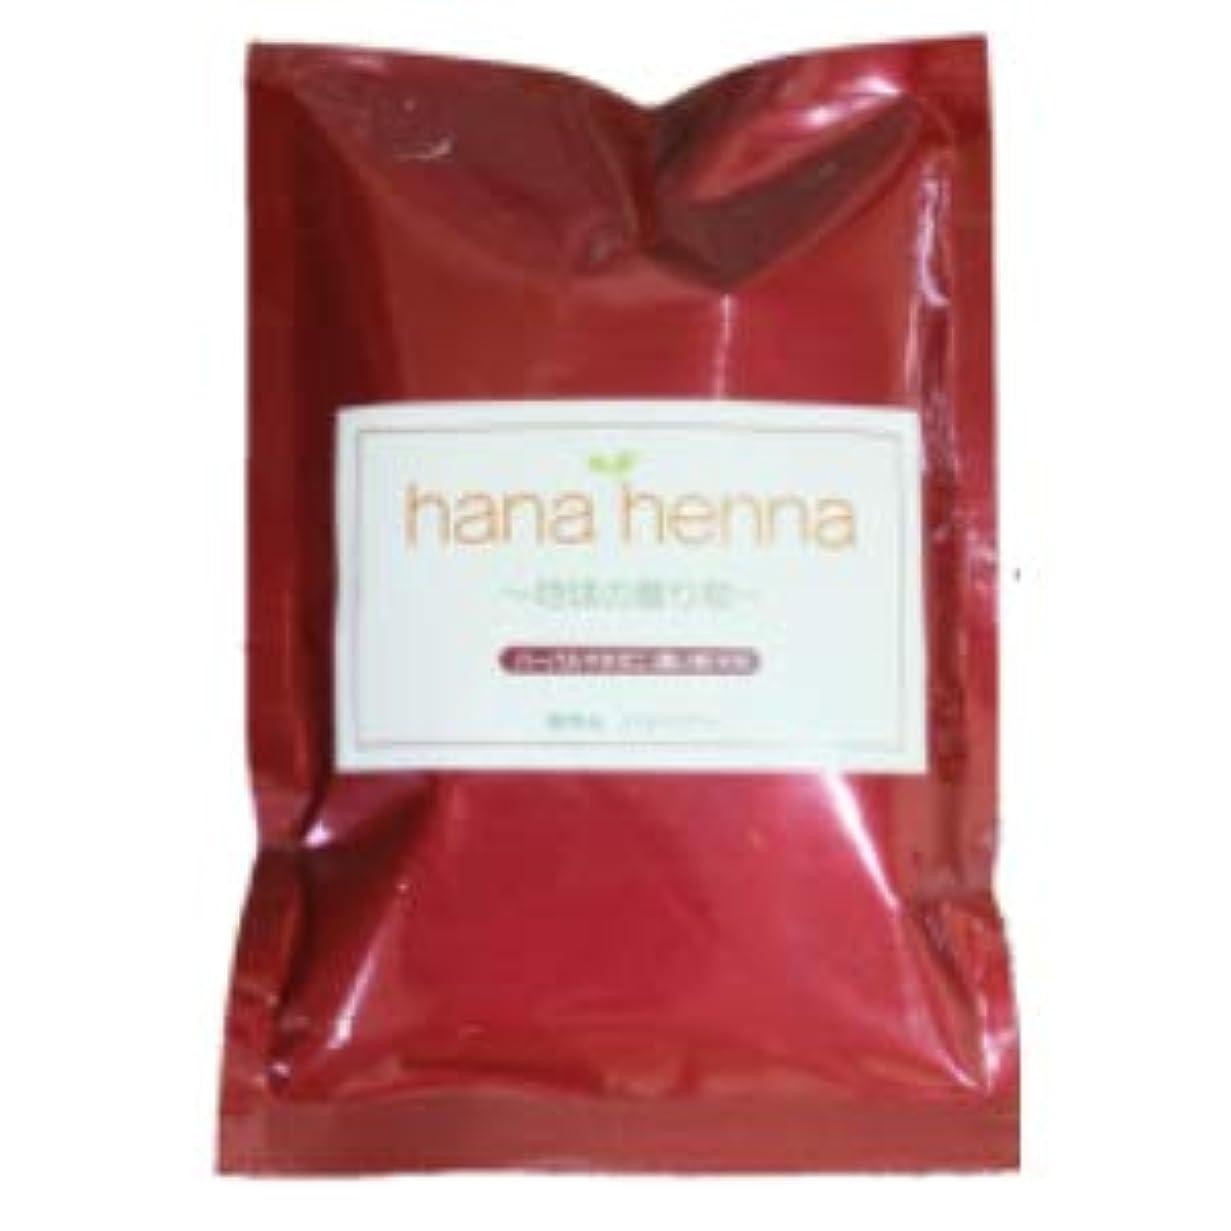 ベンチ魅惑的なマエストロ?hana henna?ハナヘナ ハーバルマホガニー(濃い茶) (100g)